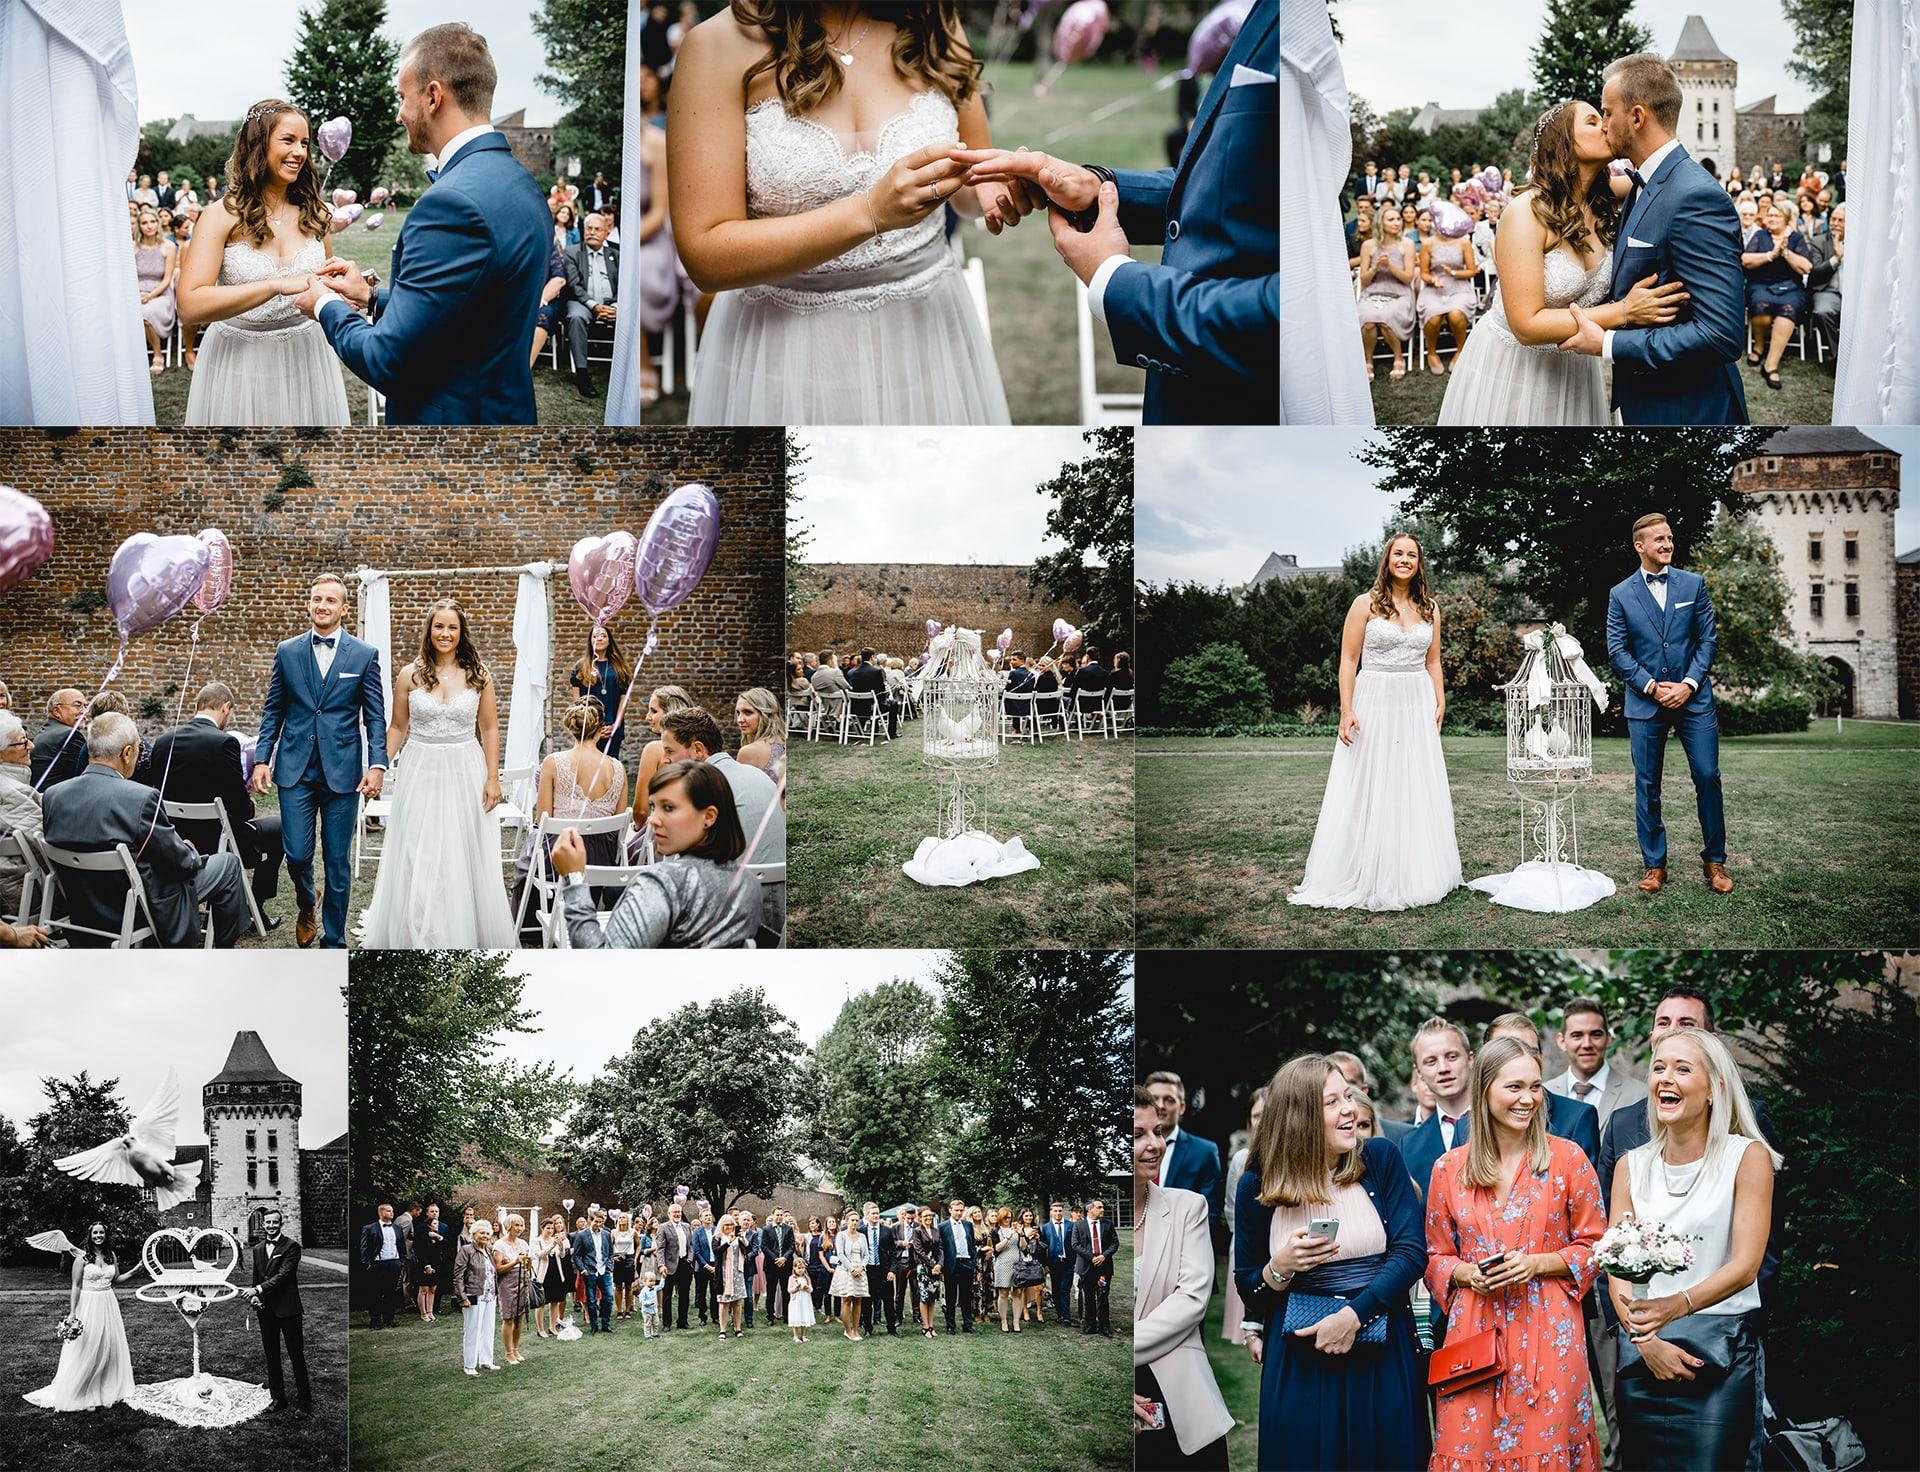 Hochzeitsfotos-Zons-Freie-Trauung-02